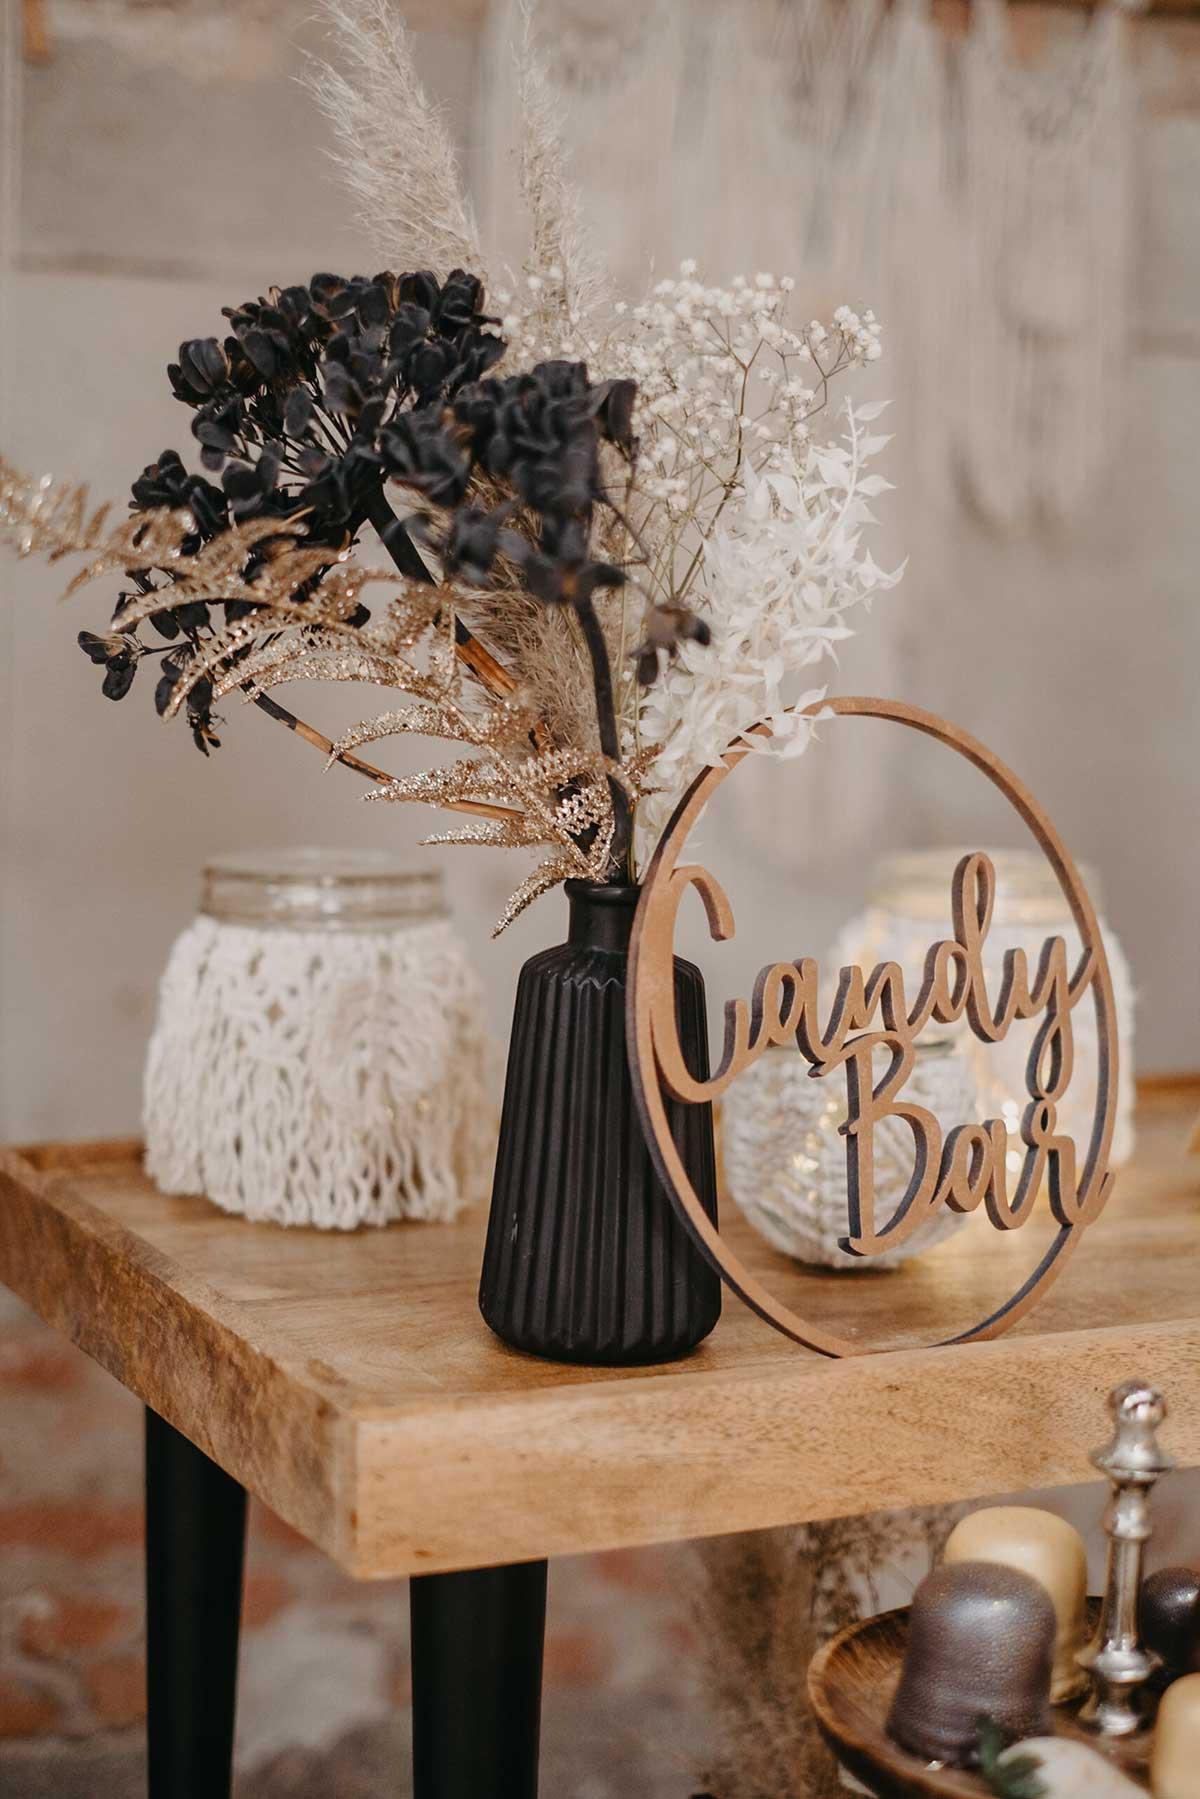 Trockenblumen und Candybar Schild aus Holz zur Dekoration bei der Hochzeit